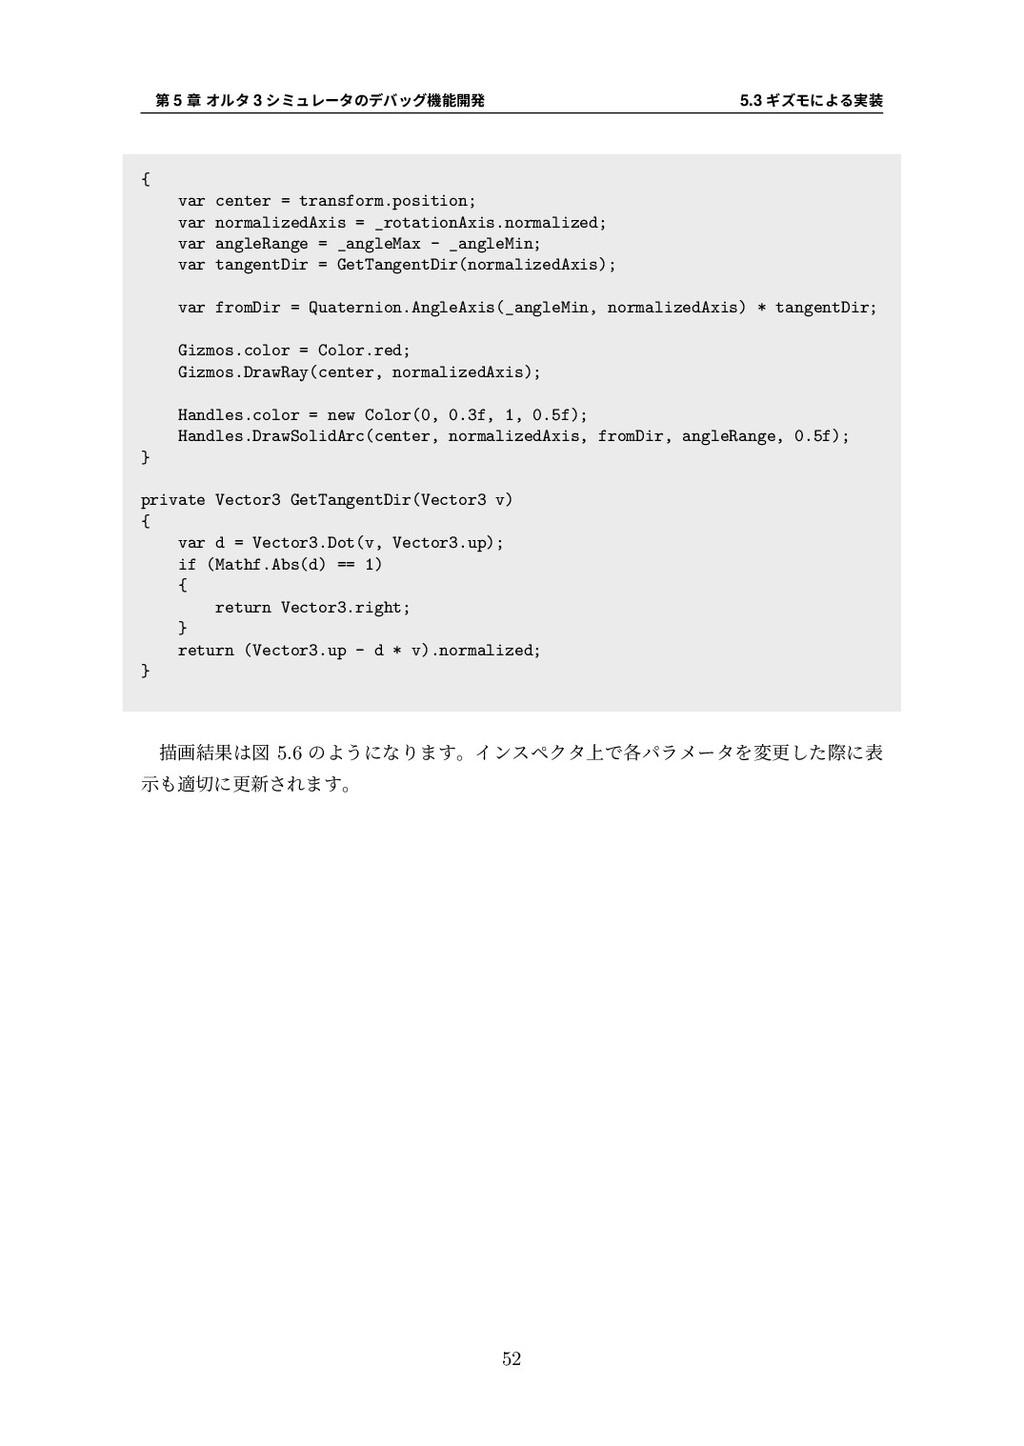 第 5 章 オルタ 3 シミュレータのデバッグ機能開発 5.3 ギズモによる実装 { var ...